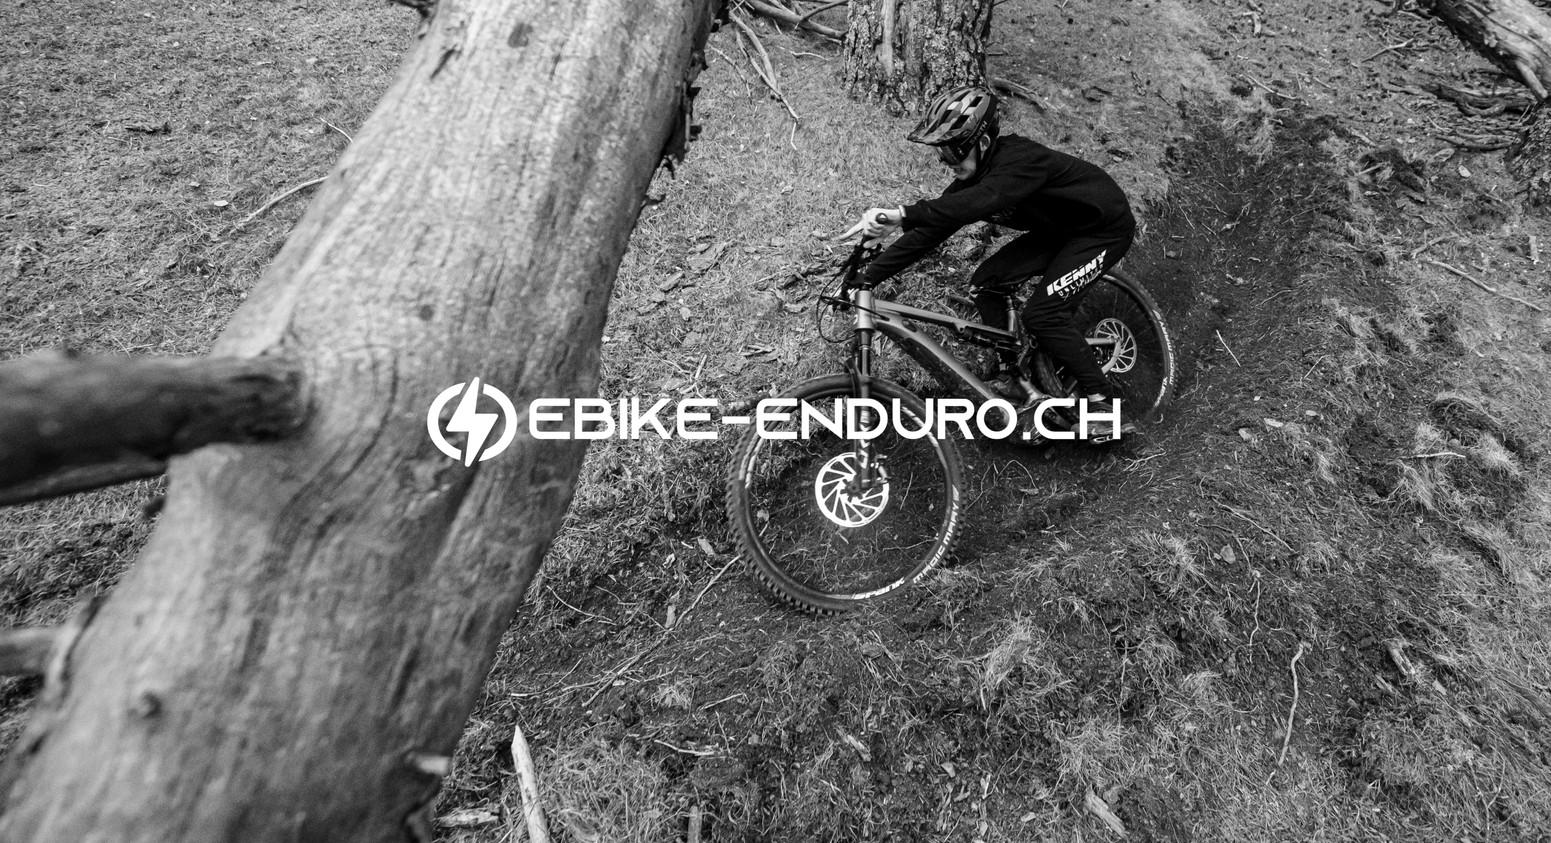 ebike-enduro.ch